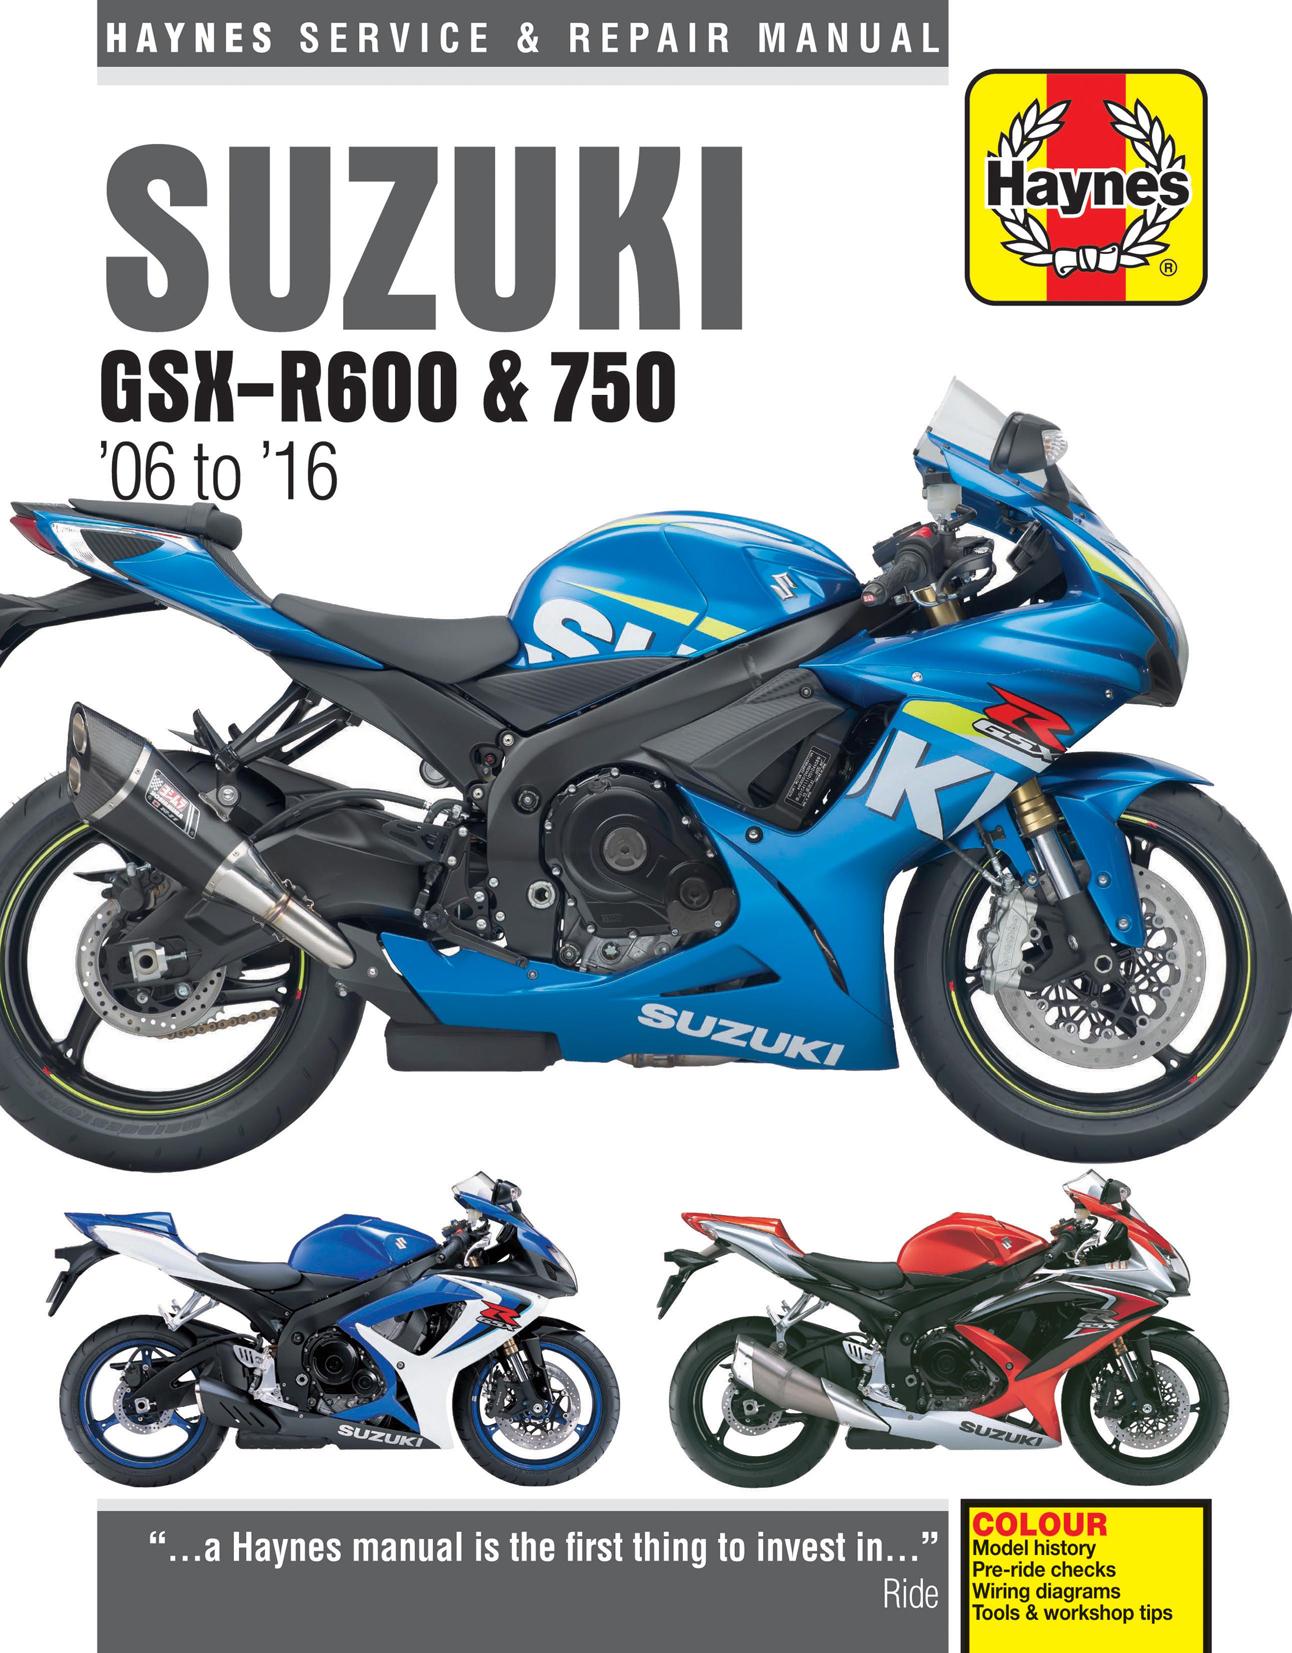 Suzuki GSX-R600 & GSX-R750 (06-16) Haynes Repair Manual